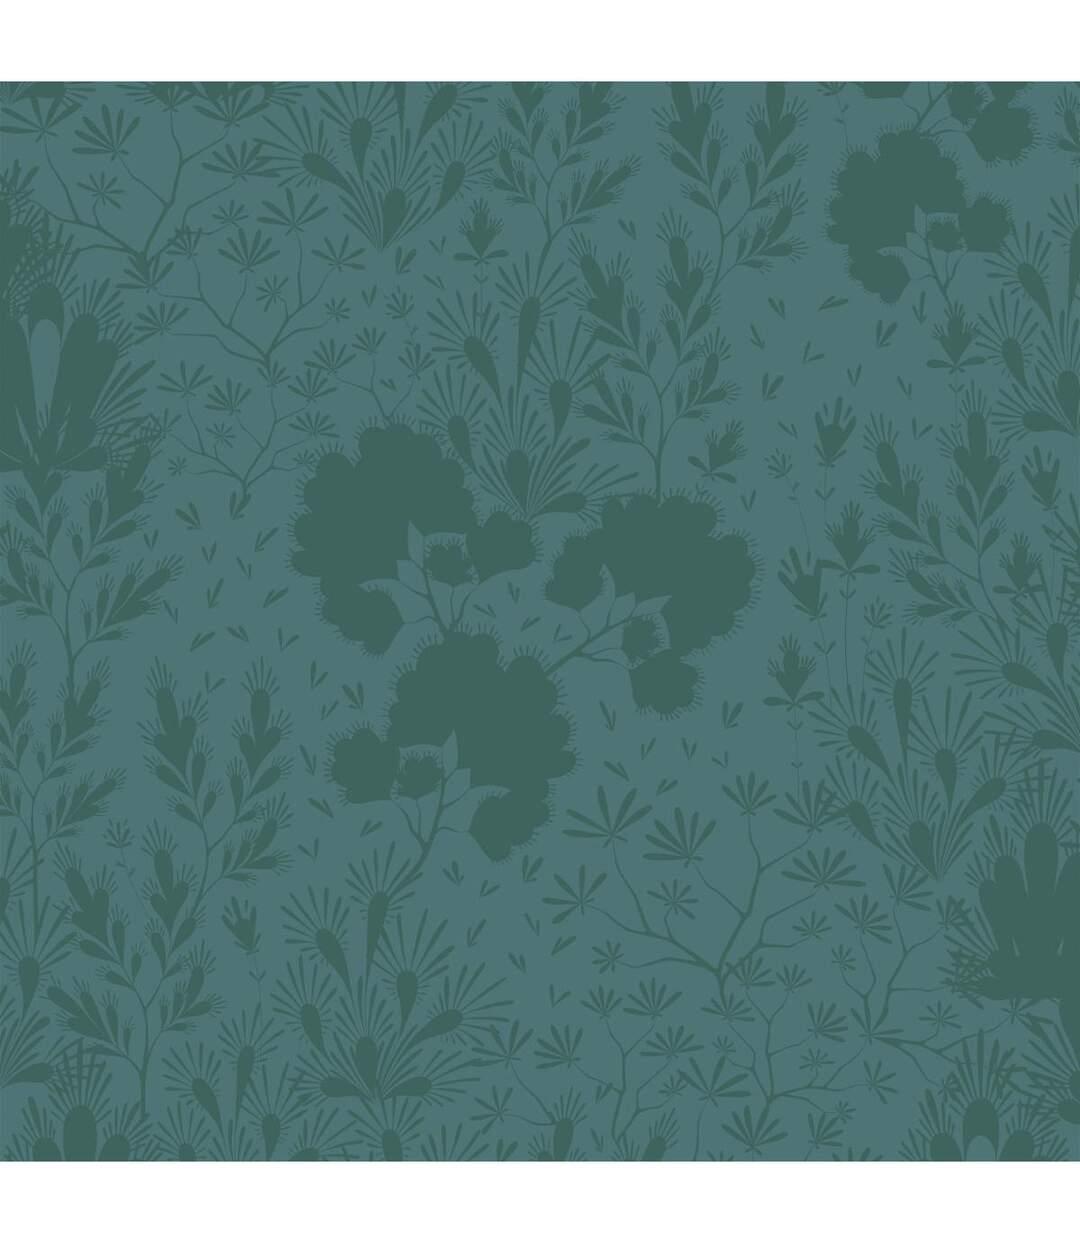 Atmosphera - Parure de lit 2 Personnes 260 x 240 cm Housse de couette avec 2 taies Imprimée Feuillage